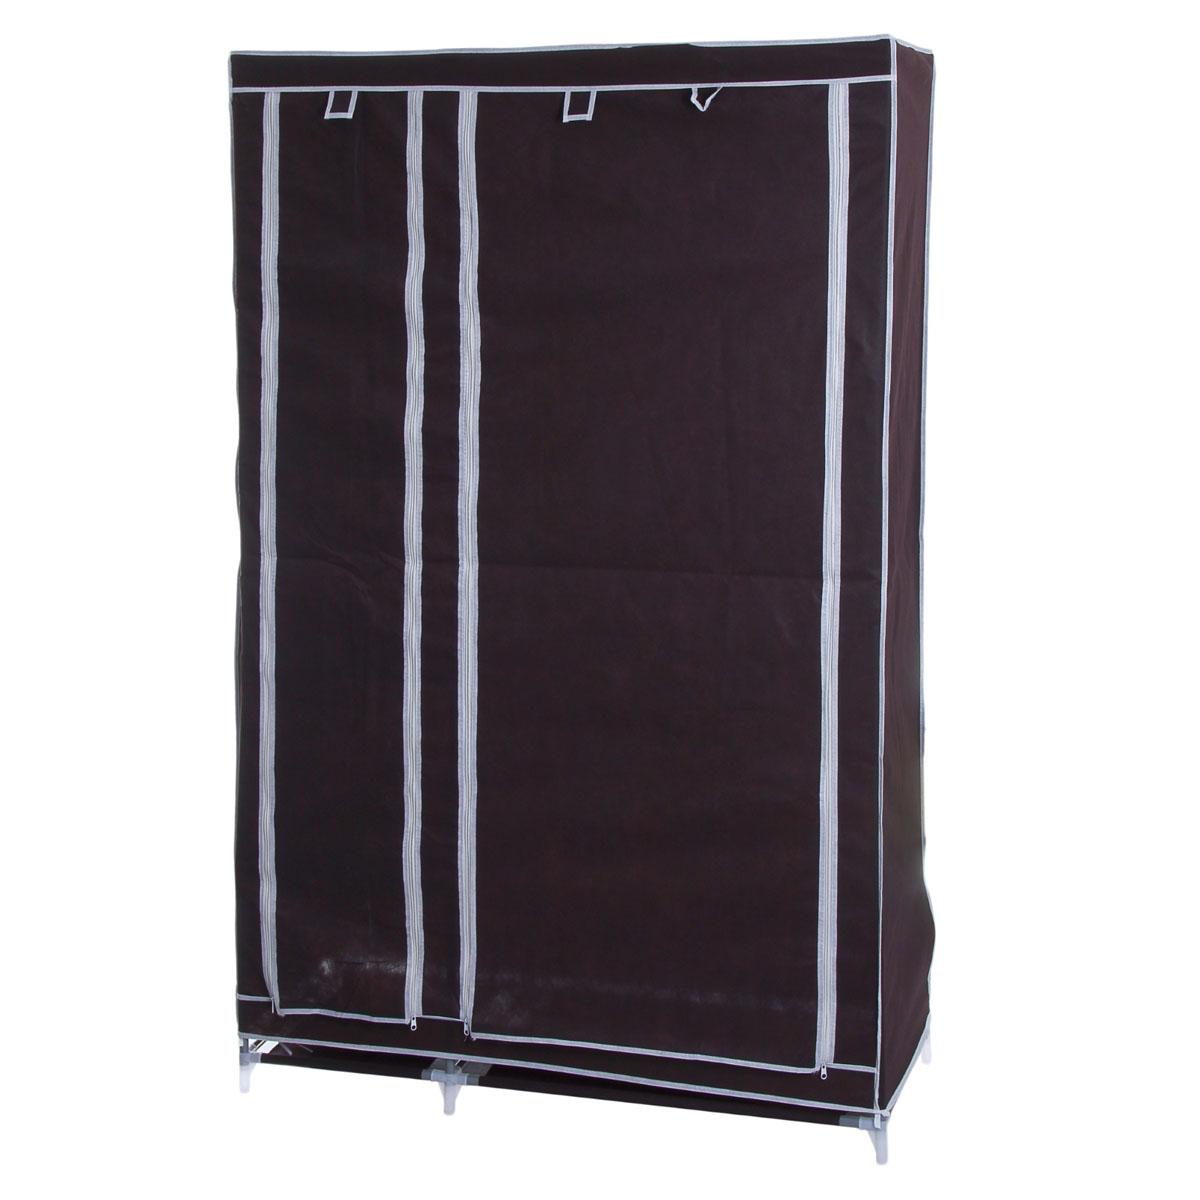 Мобильный шкаф для одежды Sima-land, цвет: кофейный, 110 х 45 х 175 см 852965852965Мобильный шкаф для одежды Sima-land, предназначенный для хранения одежды и других вещей, это отличное решение проблемы, когда наблюдается явный дефицит места или есть временная необходимость. Складной тканевый шкаф - это мобильная конструкция, состоящая из сборного металлического каркаса, на который натянут чехол из нетканого полотна. Корпус шкафа сделан из легкой, но прочной стали, а обивка из полиэстера, который можно легко стирать в стиральной машинке. Шкаф оснащен двумя отделами с текстильными дверями, которые закрываются на застежки-молнии. Чтобы открыть шкаф вы можете скрутить двери и зафиксировать их наверху с помощью ремешков на липучках. В одном отделе присутствует перекладина для хранения вещей на вешалках, во втором отделе - 4 вместительные полки.